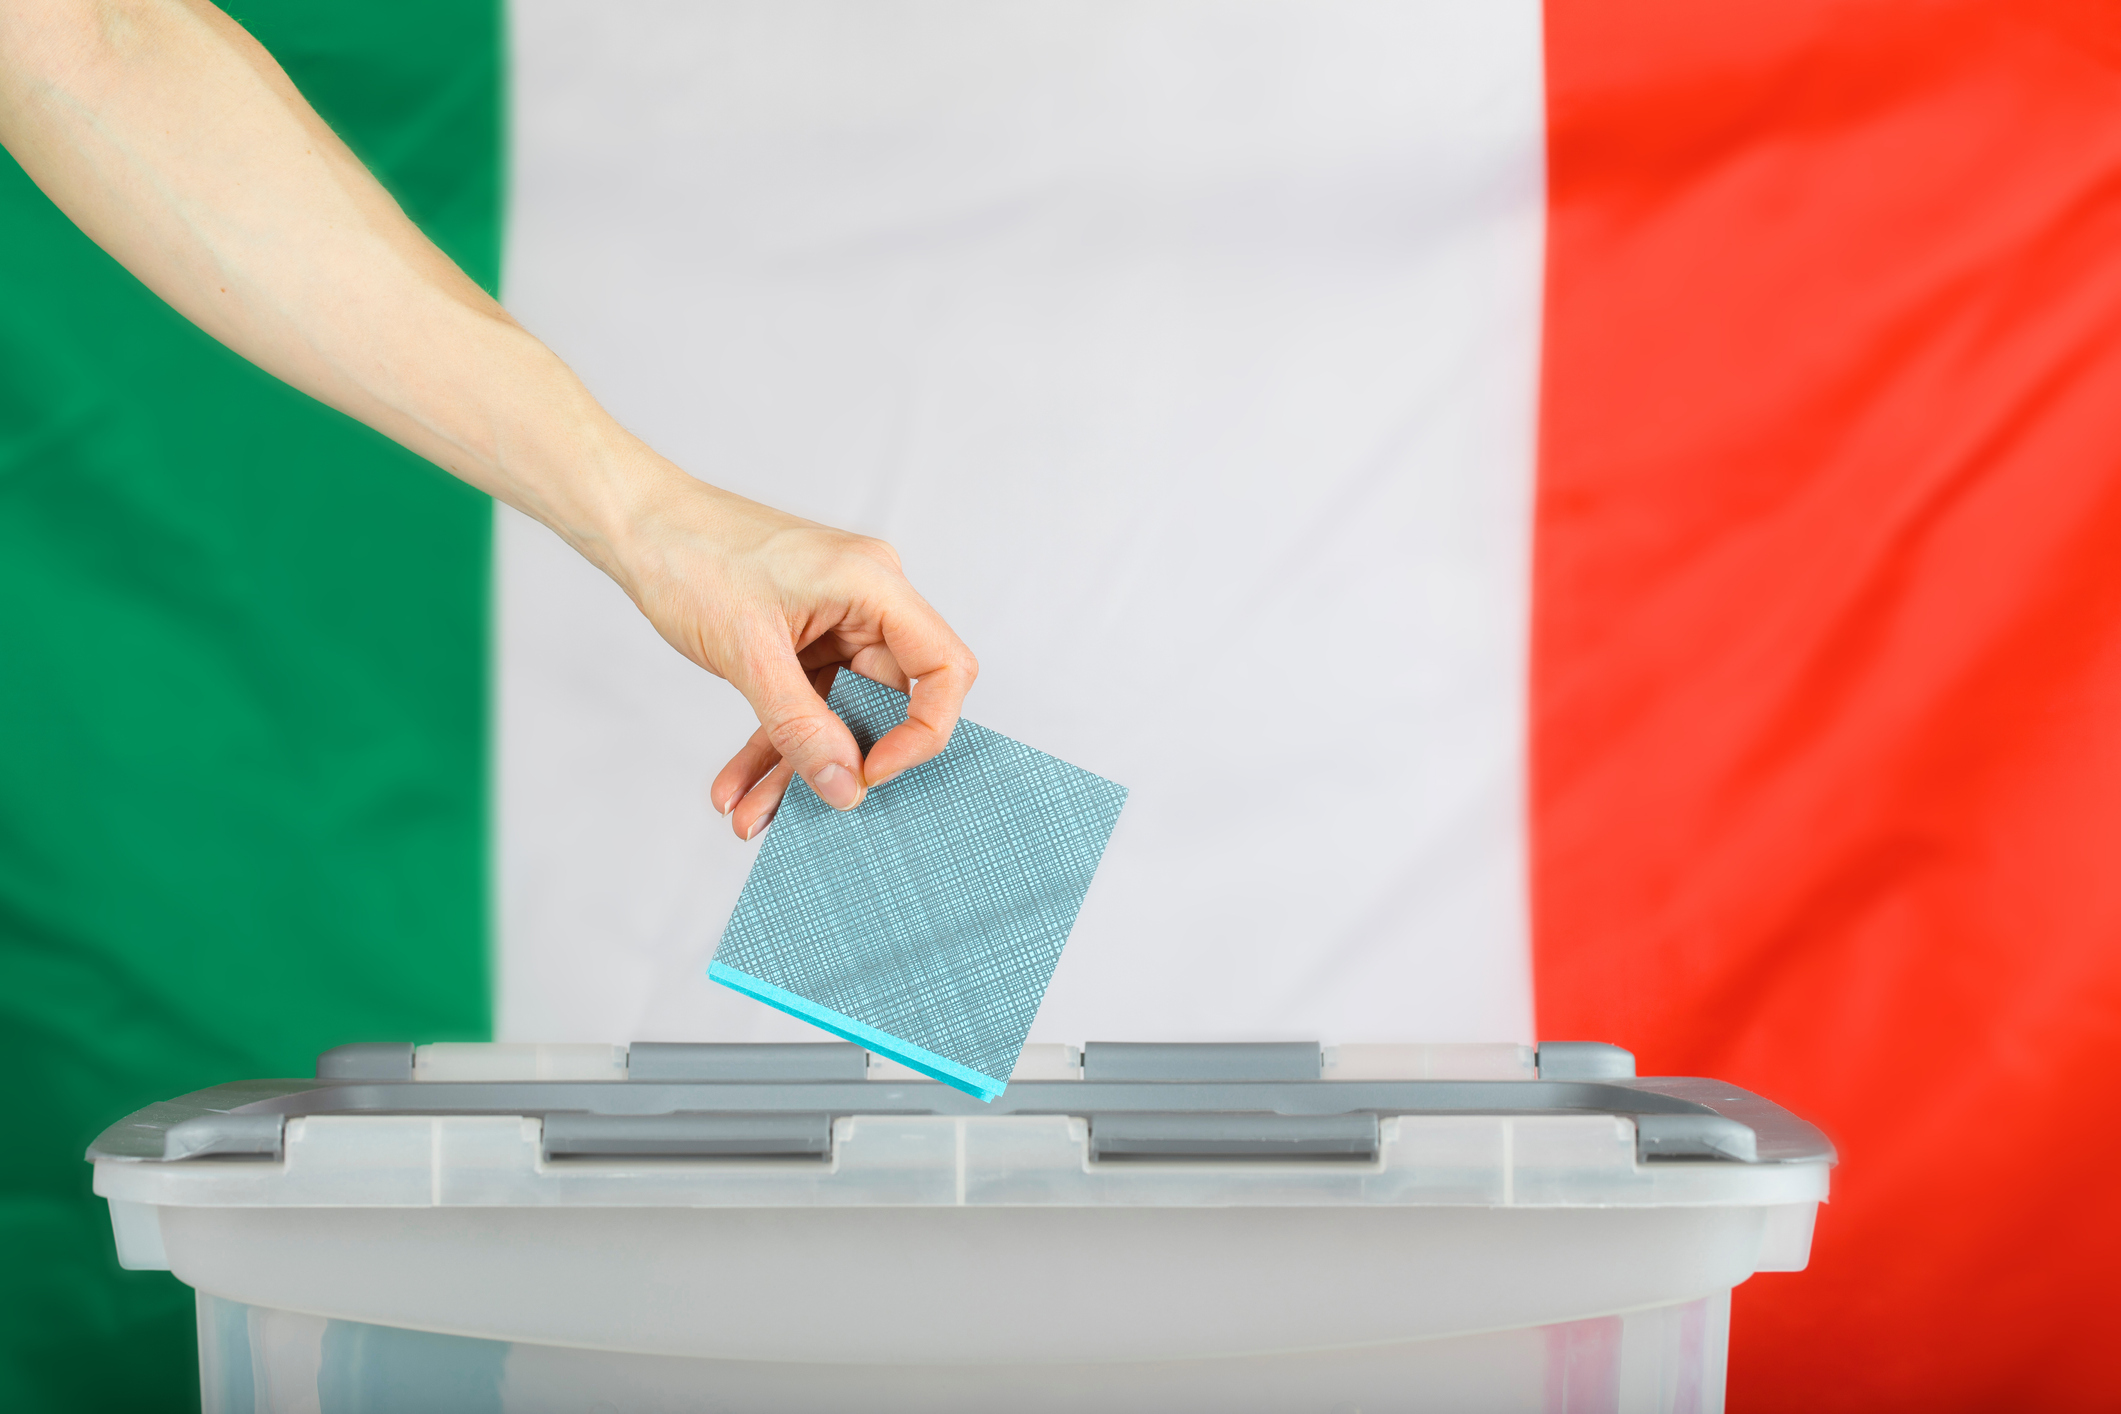 Regione Liguria: elezione del Presidente e del Consiglio regionale